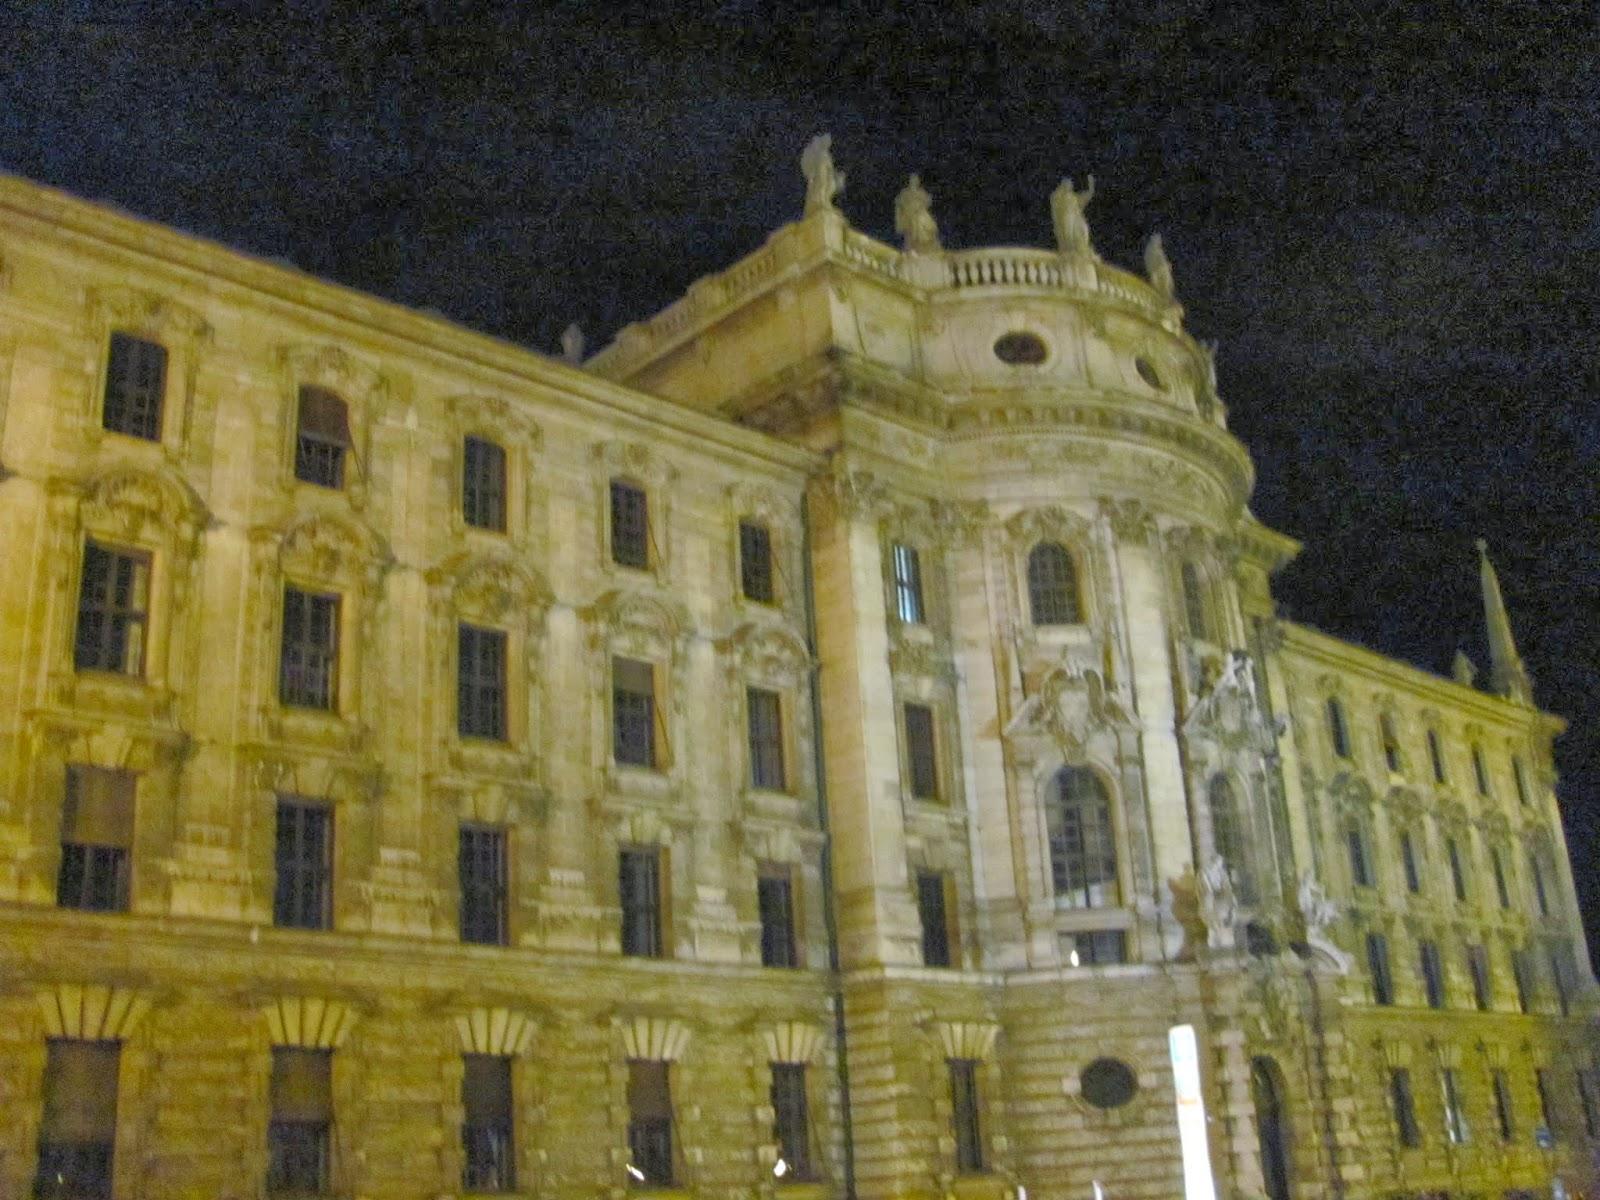 Landgericht Munchen- Munich District Court Germany